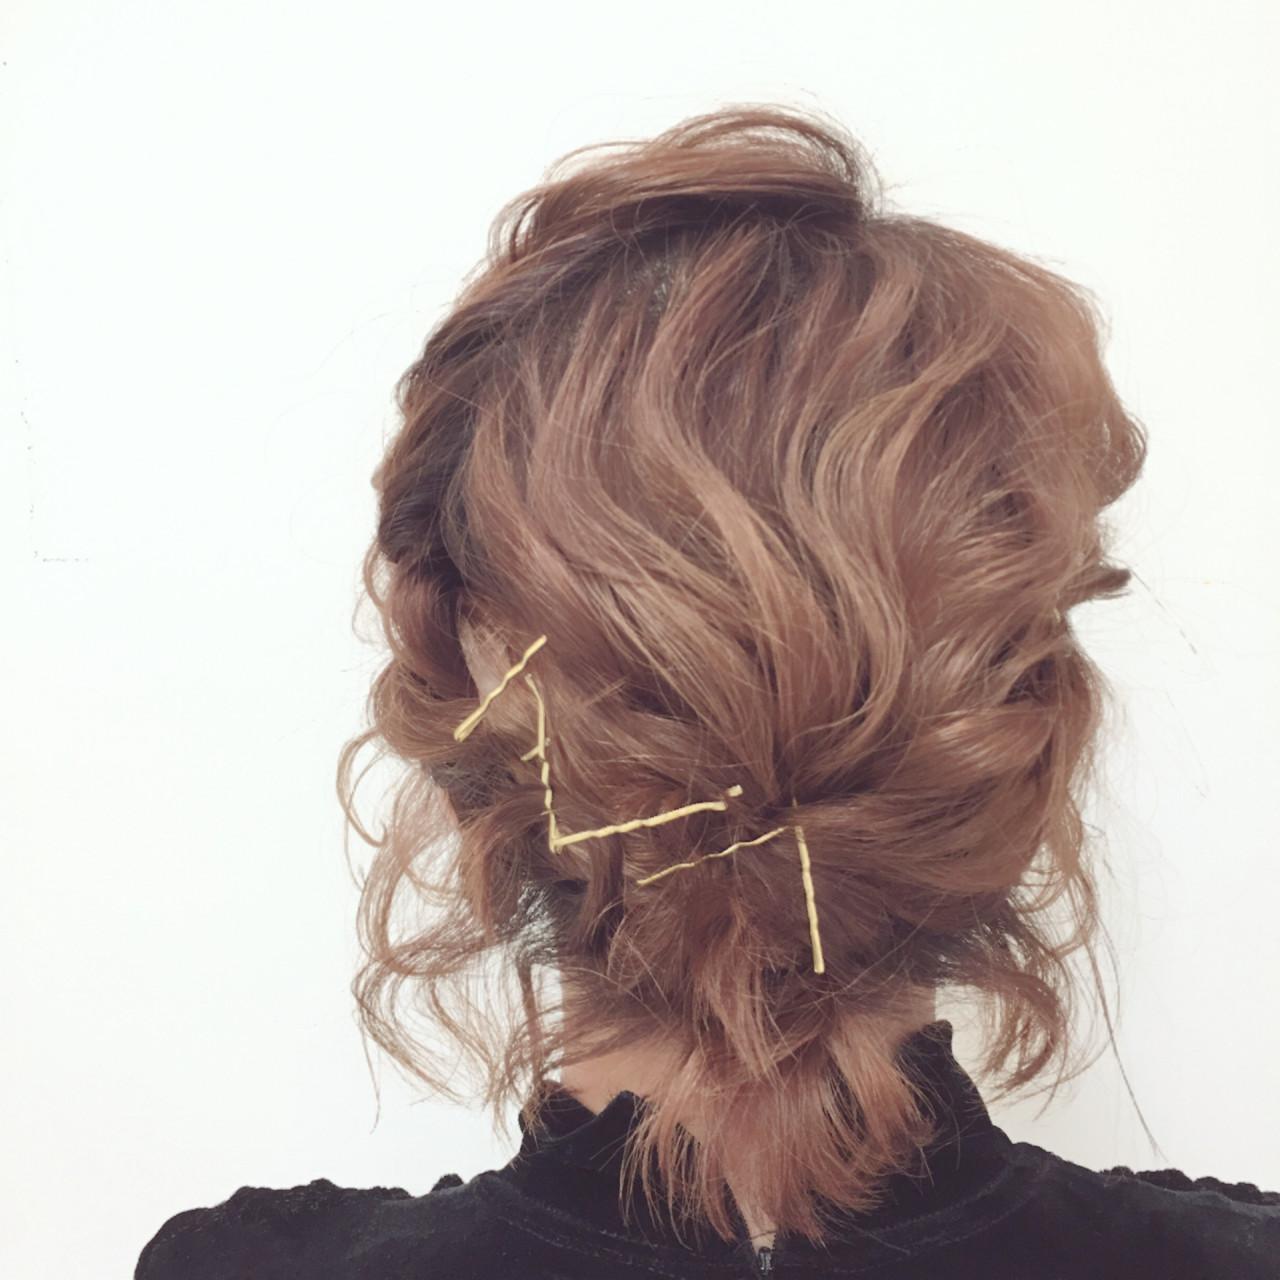 フェミニン ヘアアレンジ ボブ 結婚式ヘアスタイルや髪型の写真・画像